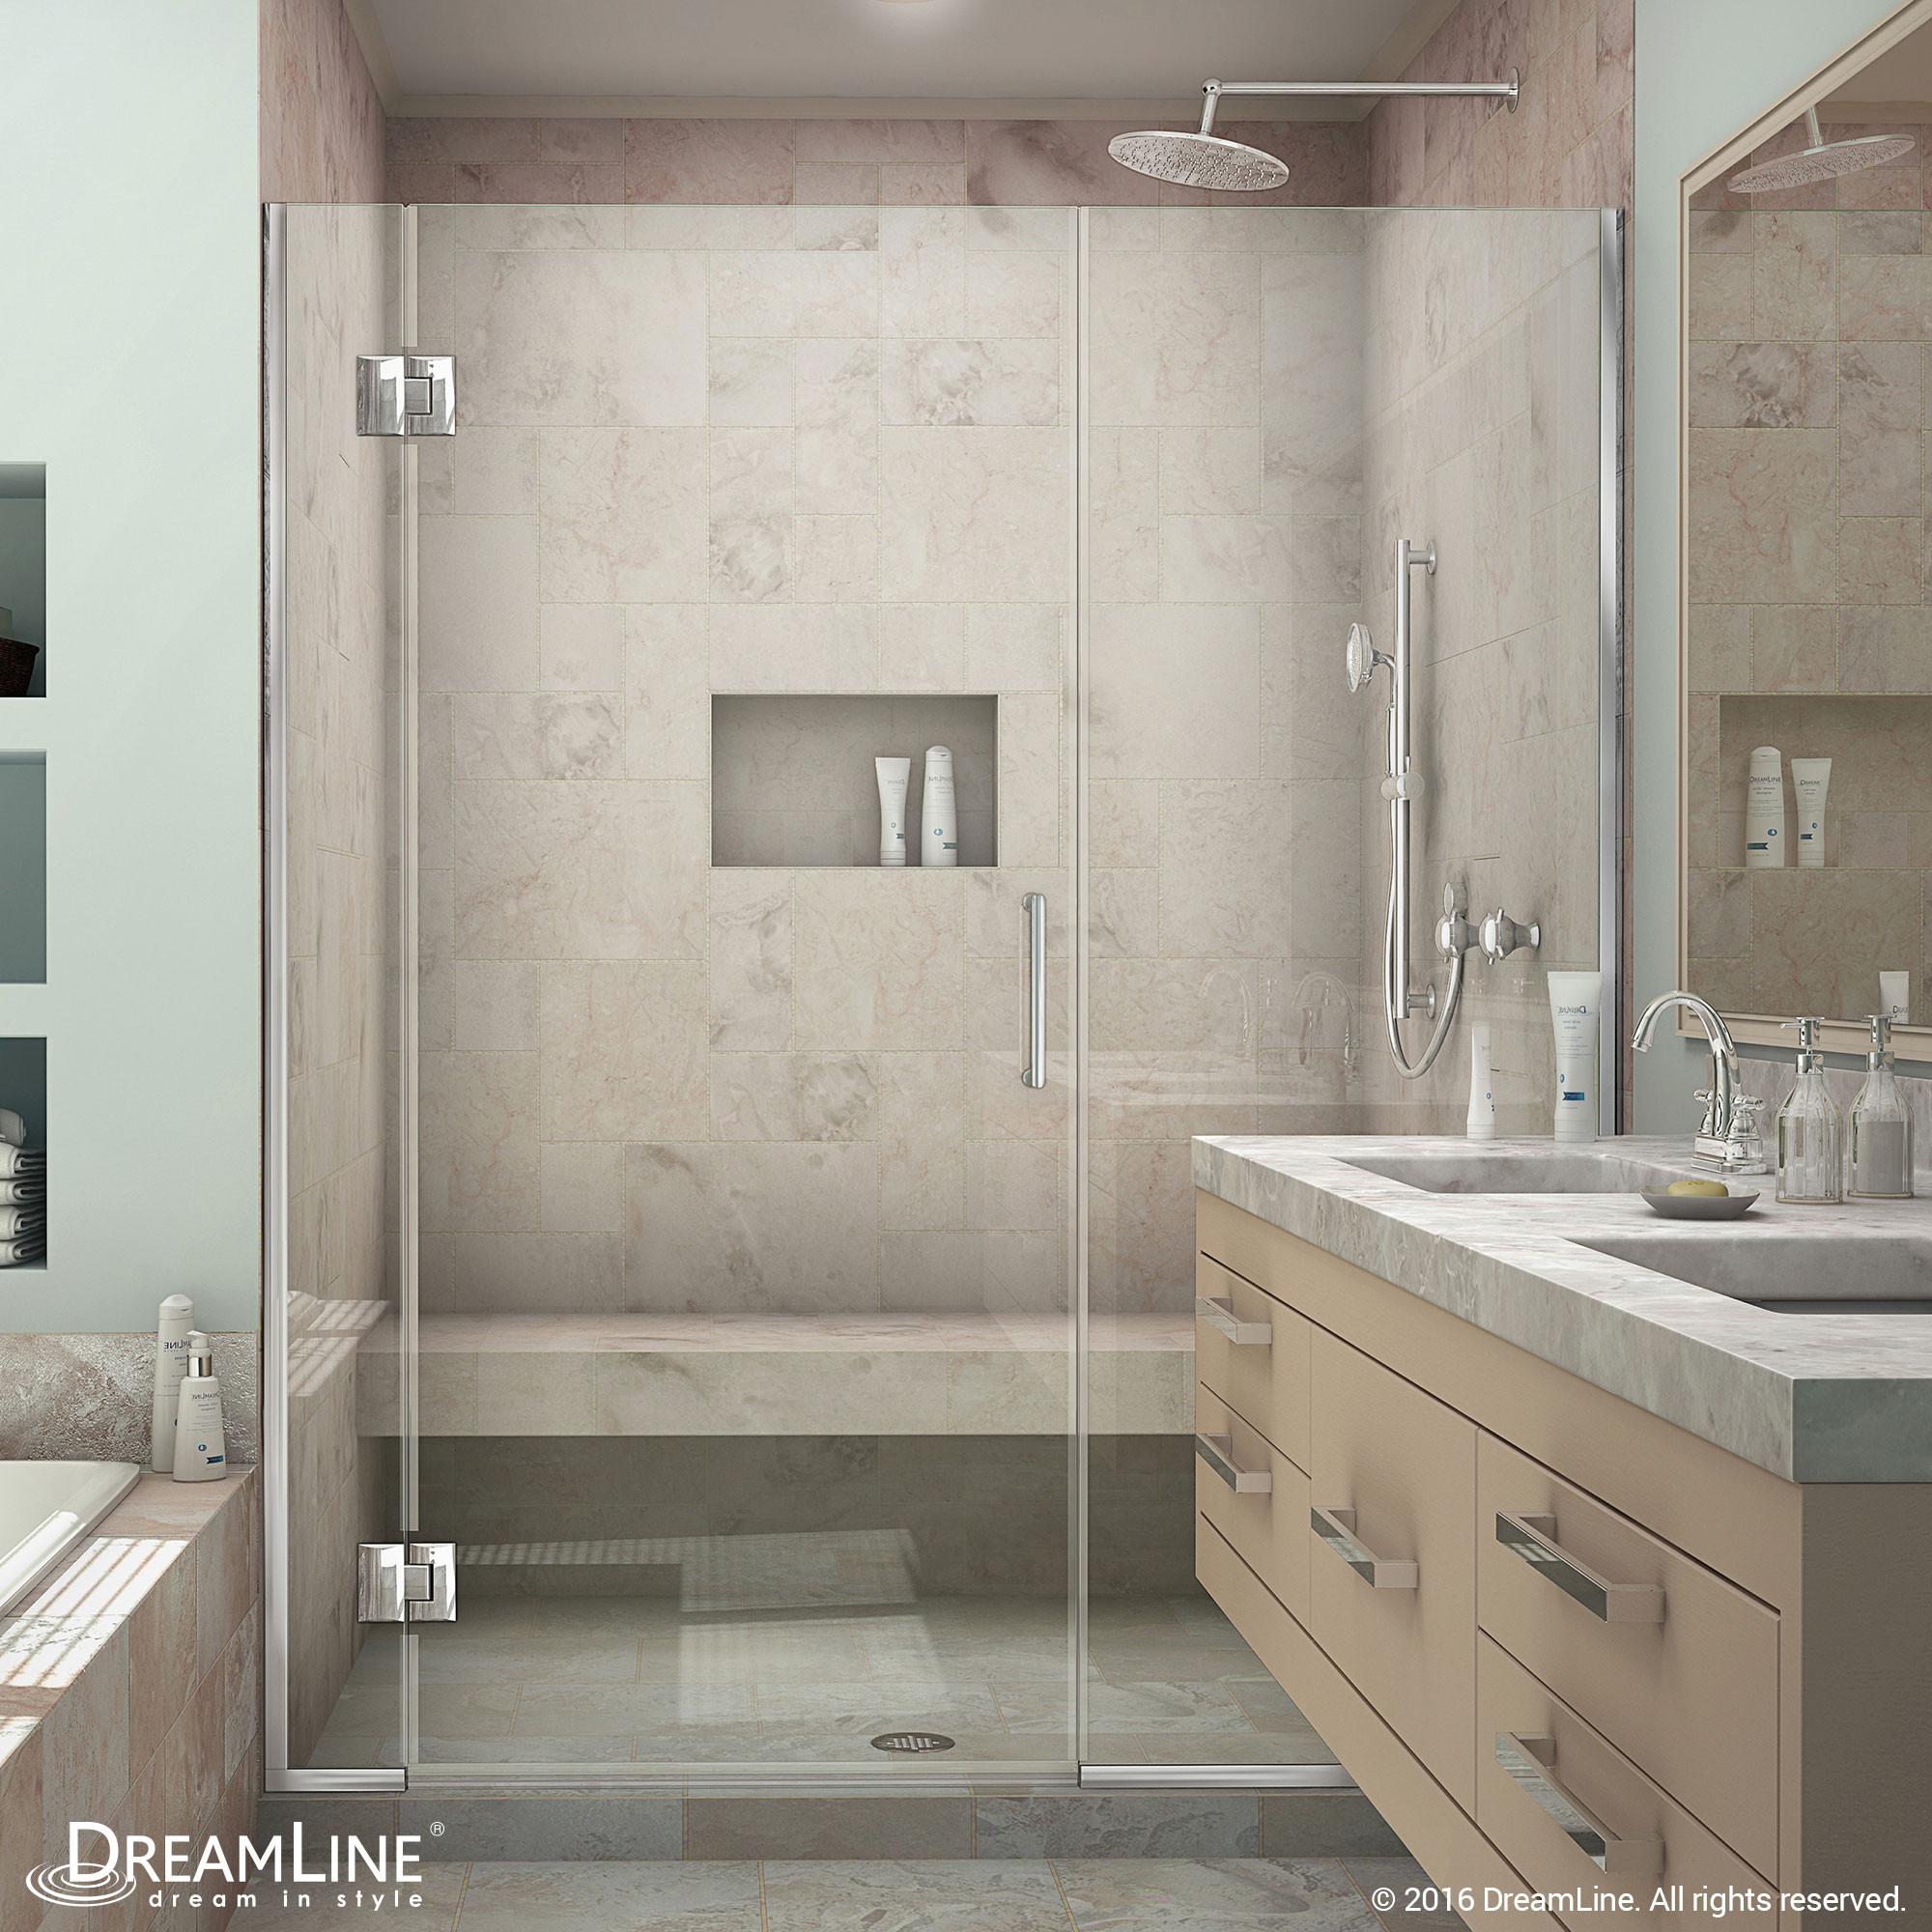 DreamLine D1250672-01 Unidoor-X 37 - 37 1/2 in. W x 72 in. H Hinged Shower Door in Chrome